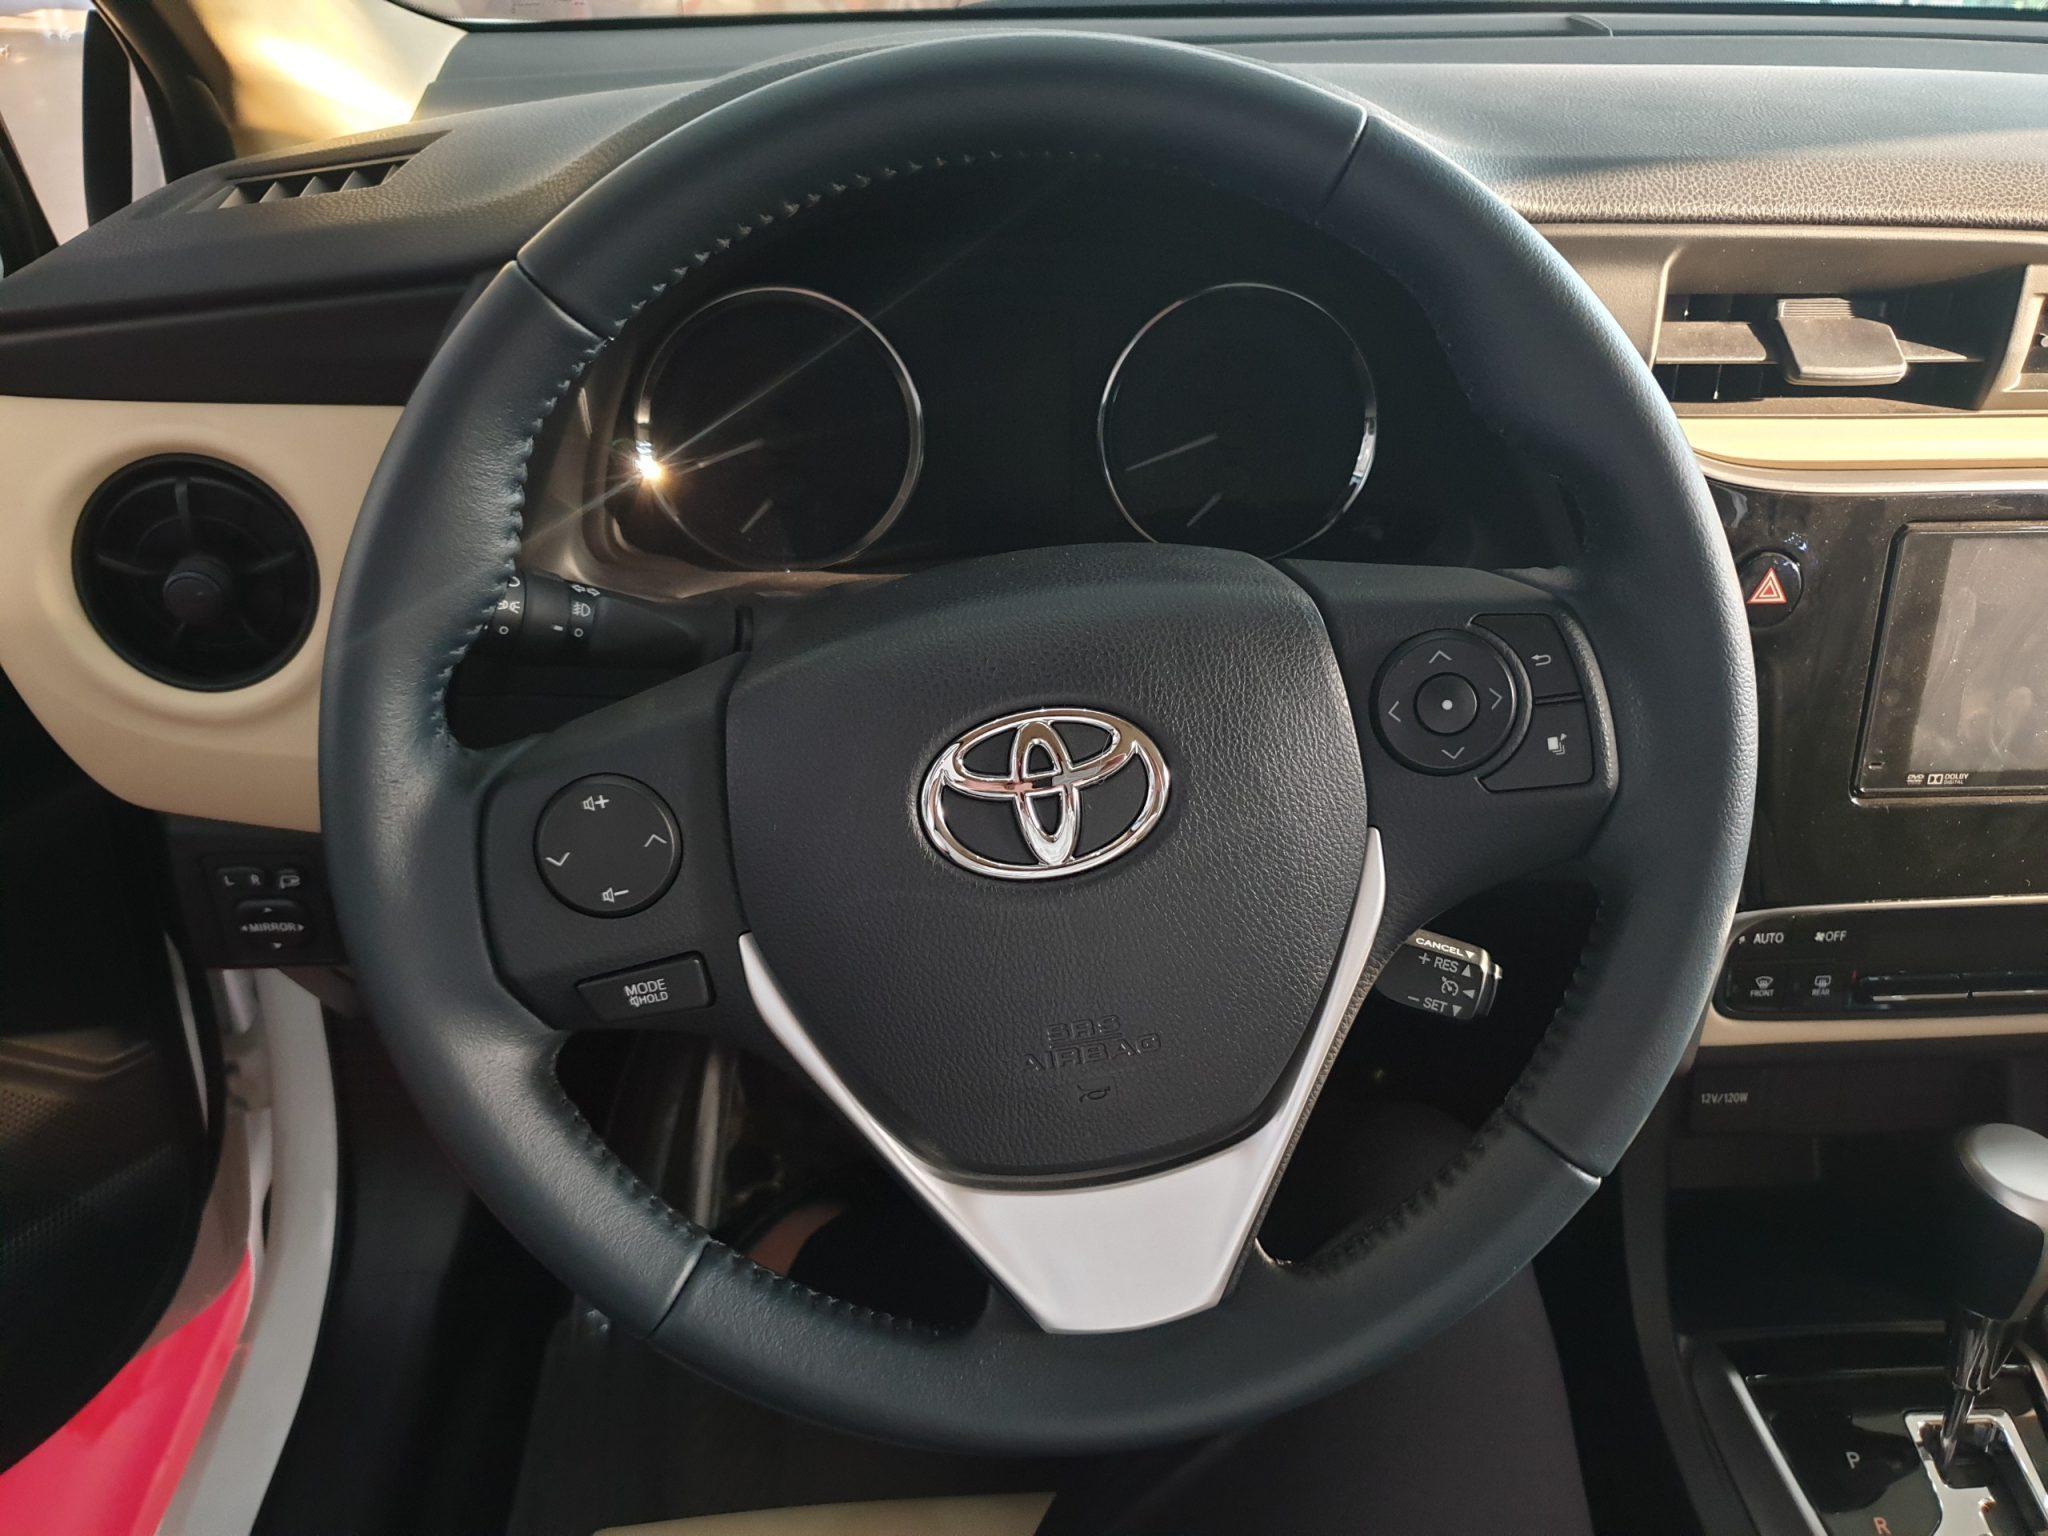 Altis 1.8 G CVT ảnh 3 - Altis 1.8 G CVT [hienthinam]: khuyến mãi và giá xe cập nhật mới